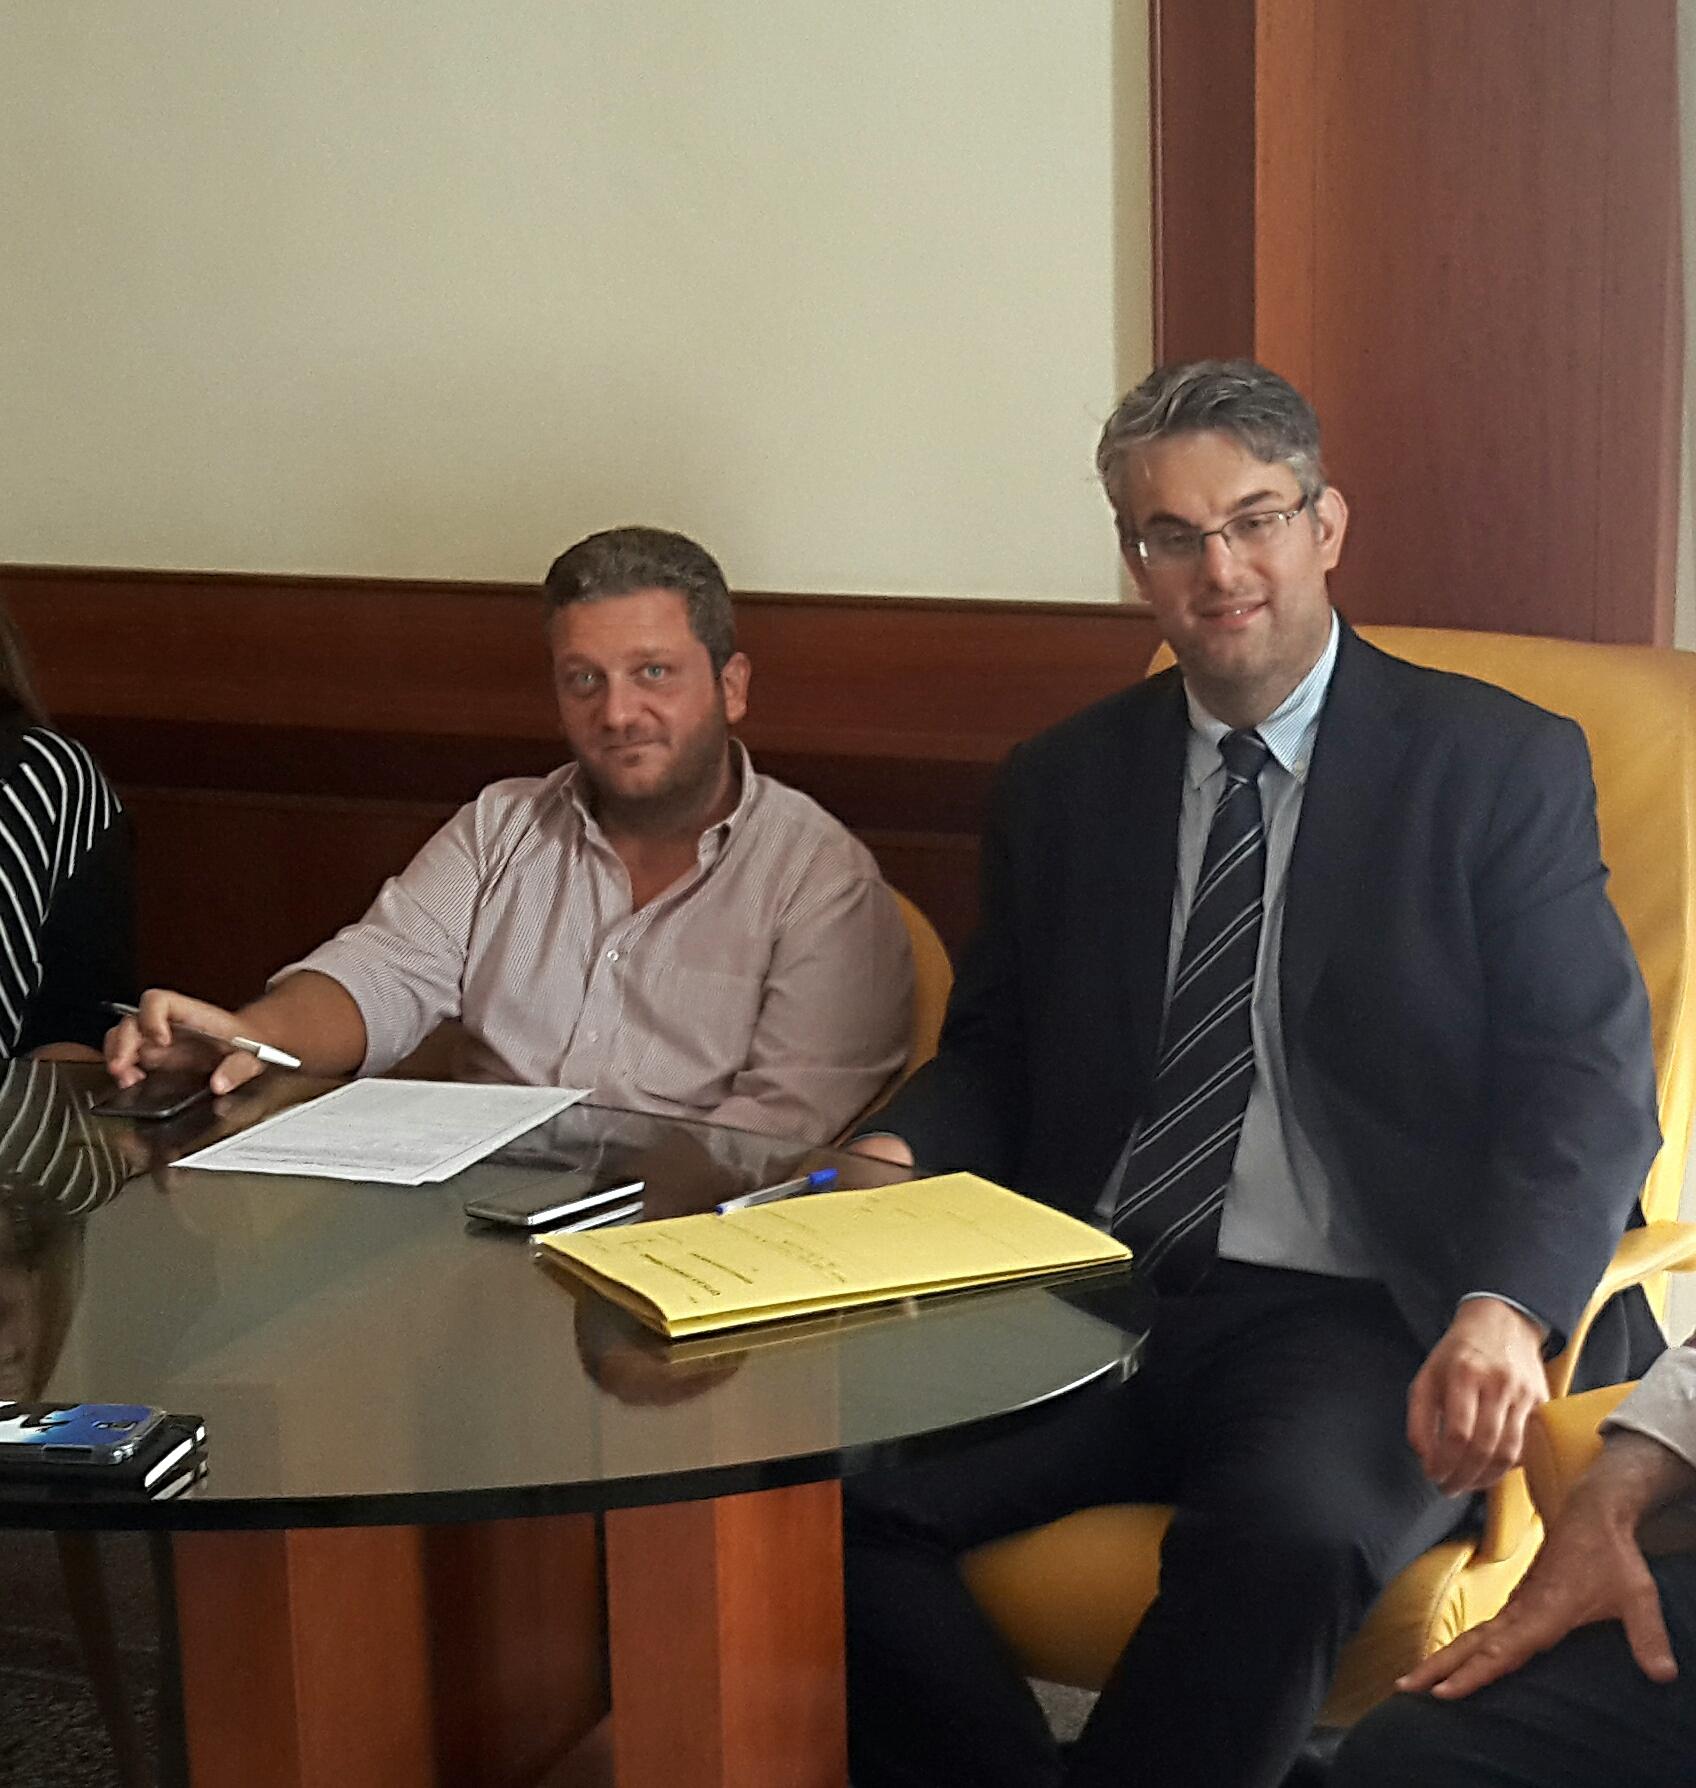 Assistenza e sostegno alle fasce deboli: martedì  la presentazione a San Giorgio a Cremano del Piano Sociale di Zona 2016/2018